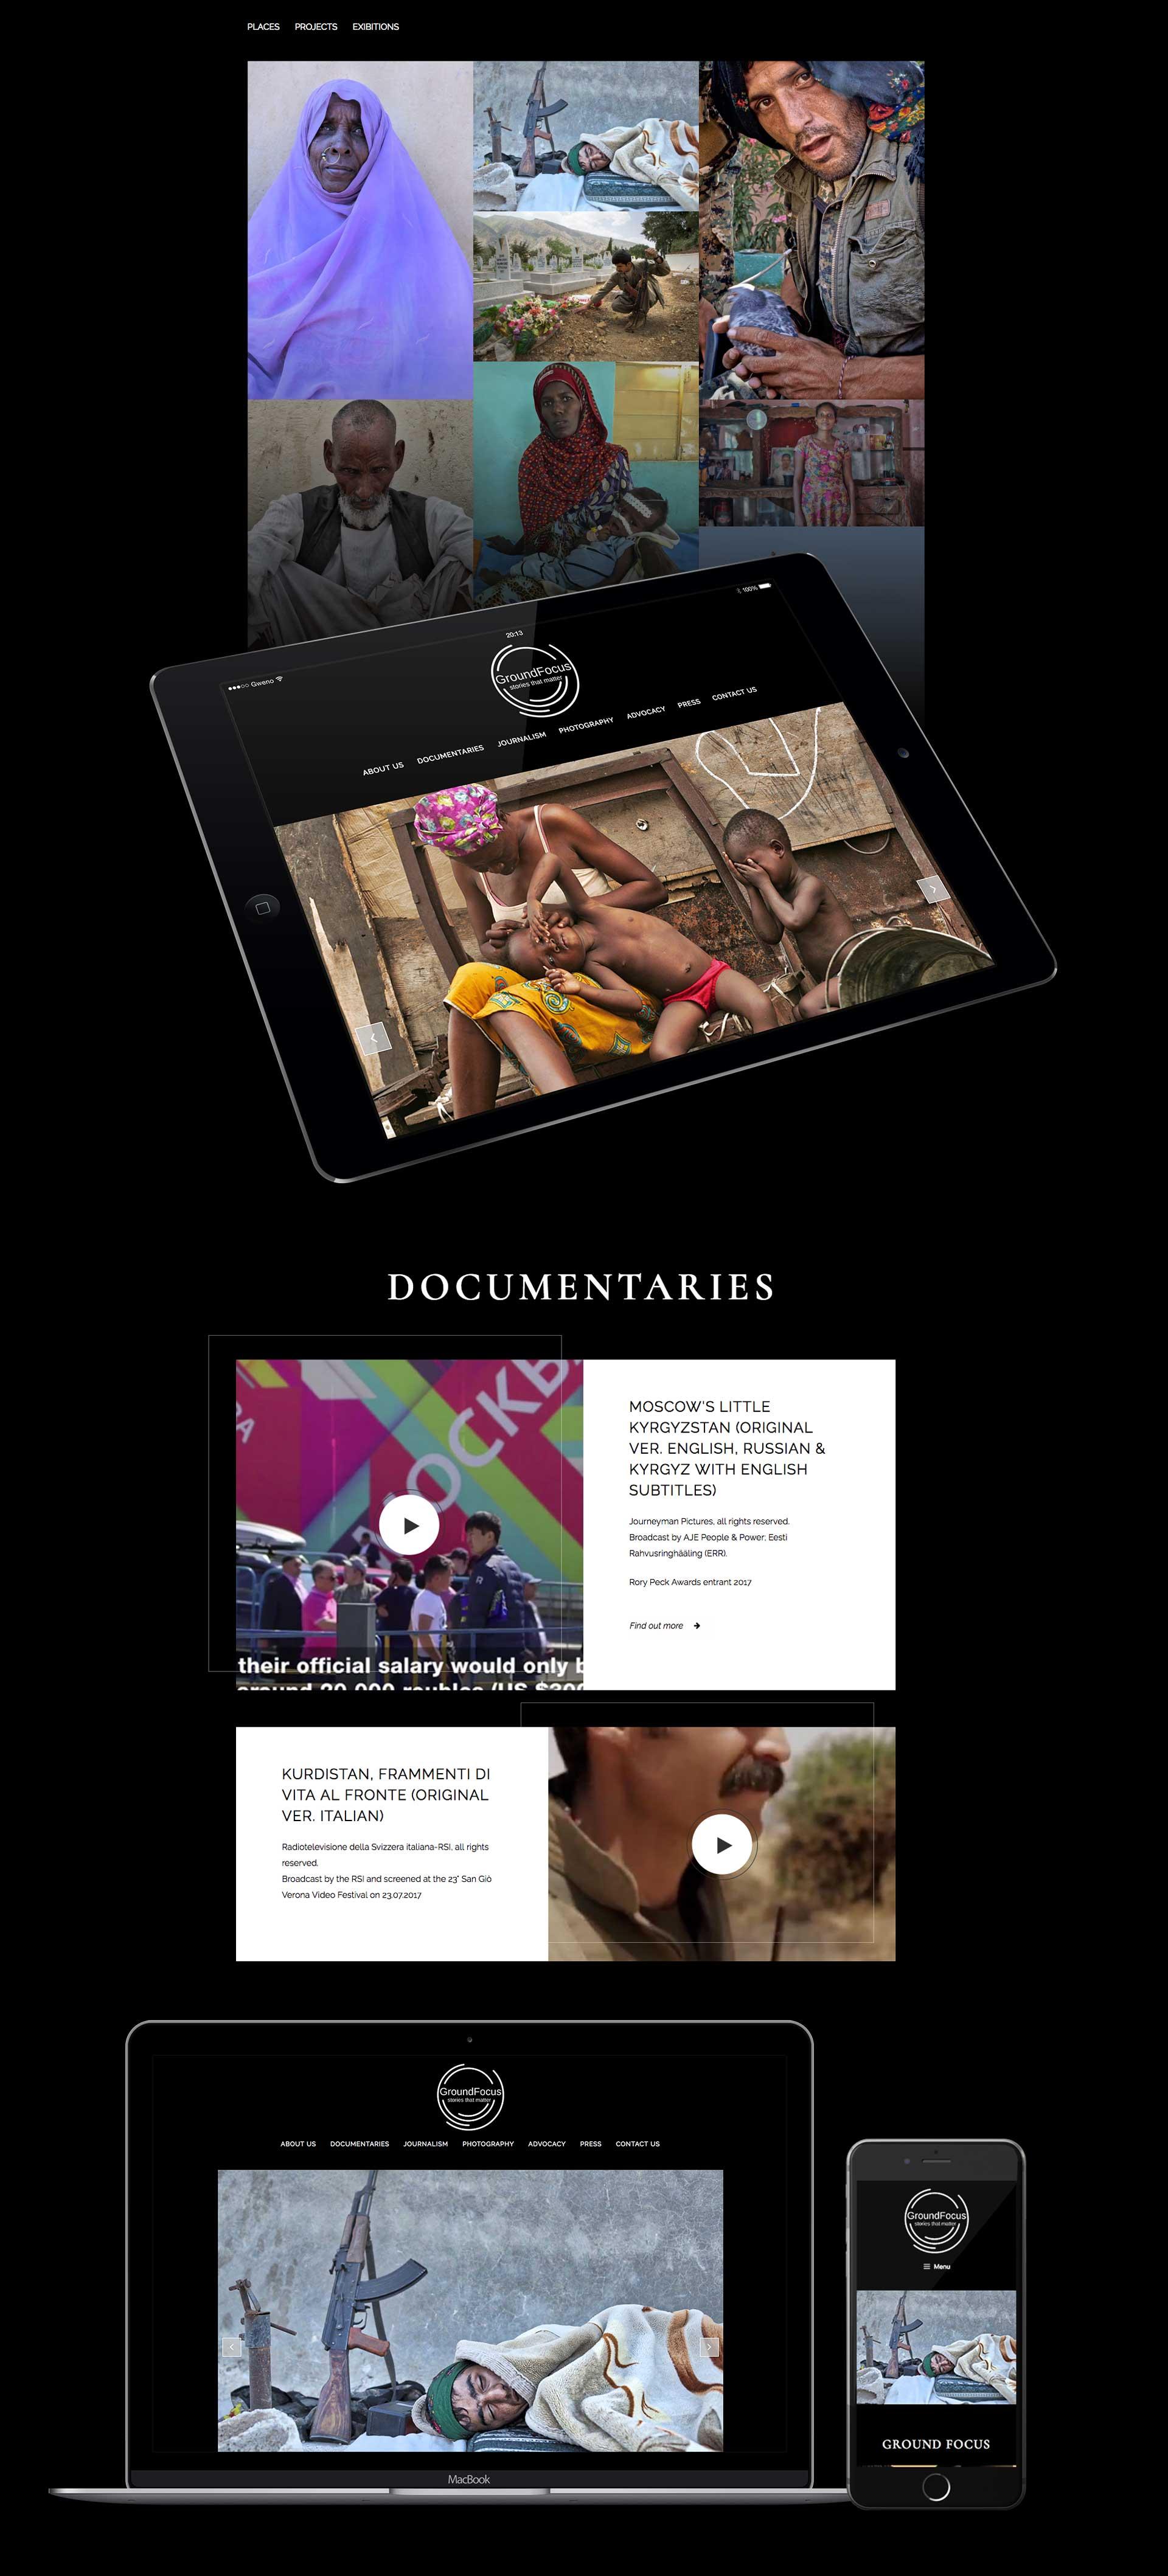 Sviluppo sito web no-profit reportage e inchieste